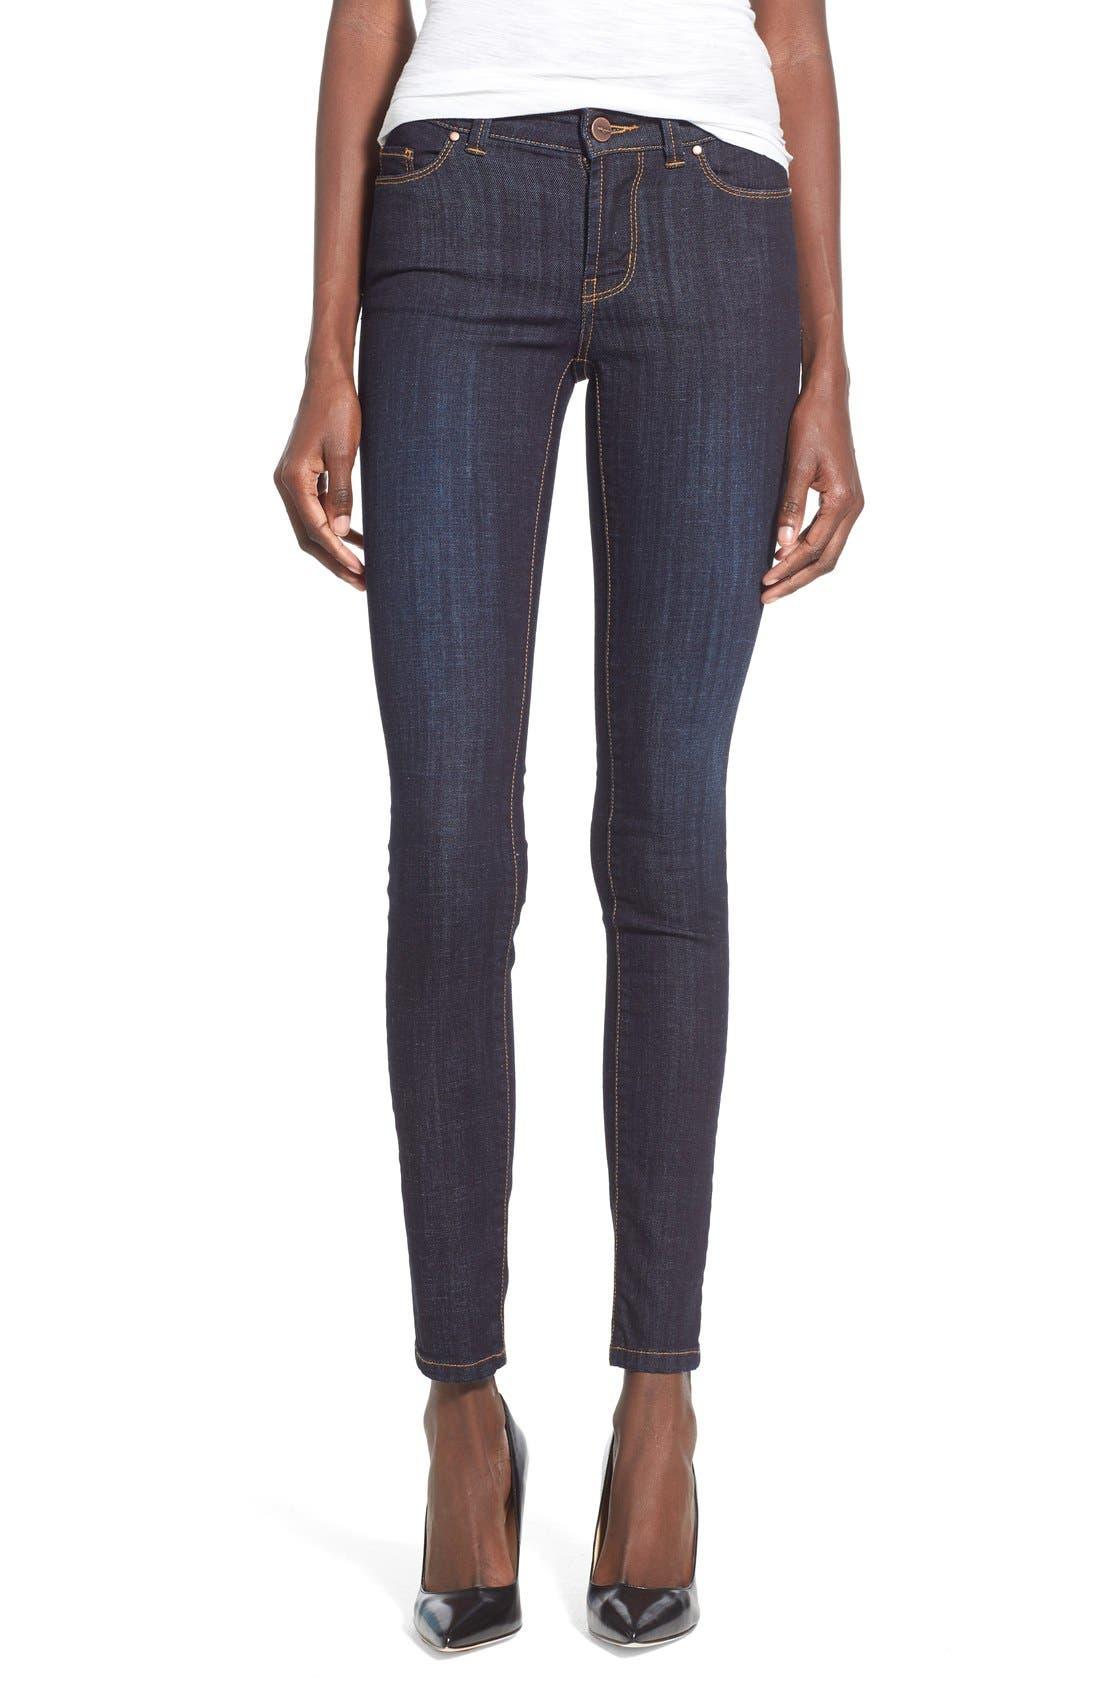 Alternate Image 1 Selected - Halogen® Plain Pocket Stretch Skinny Jeans (Regular & Petite)